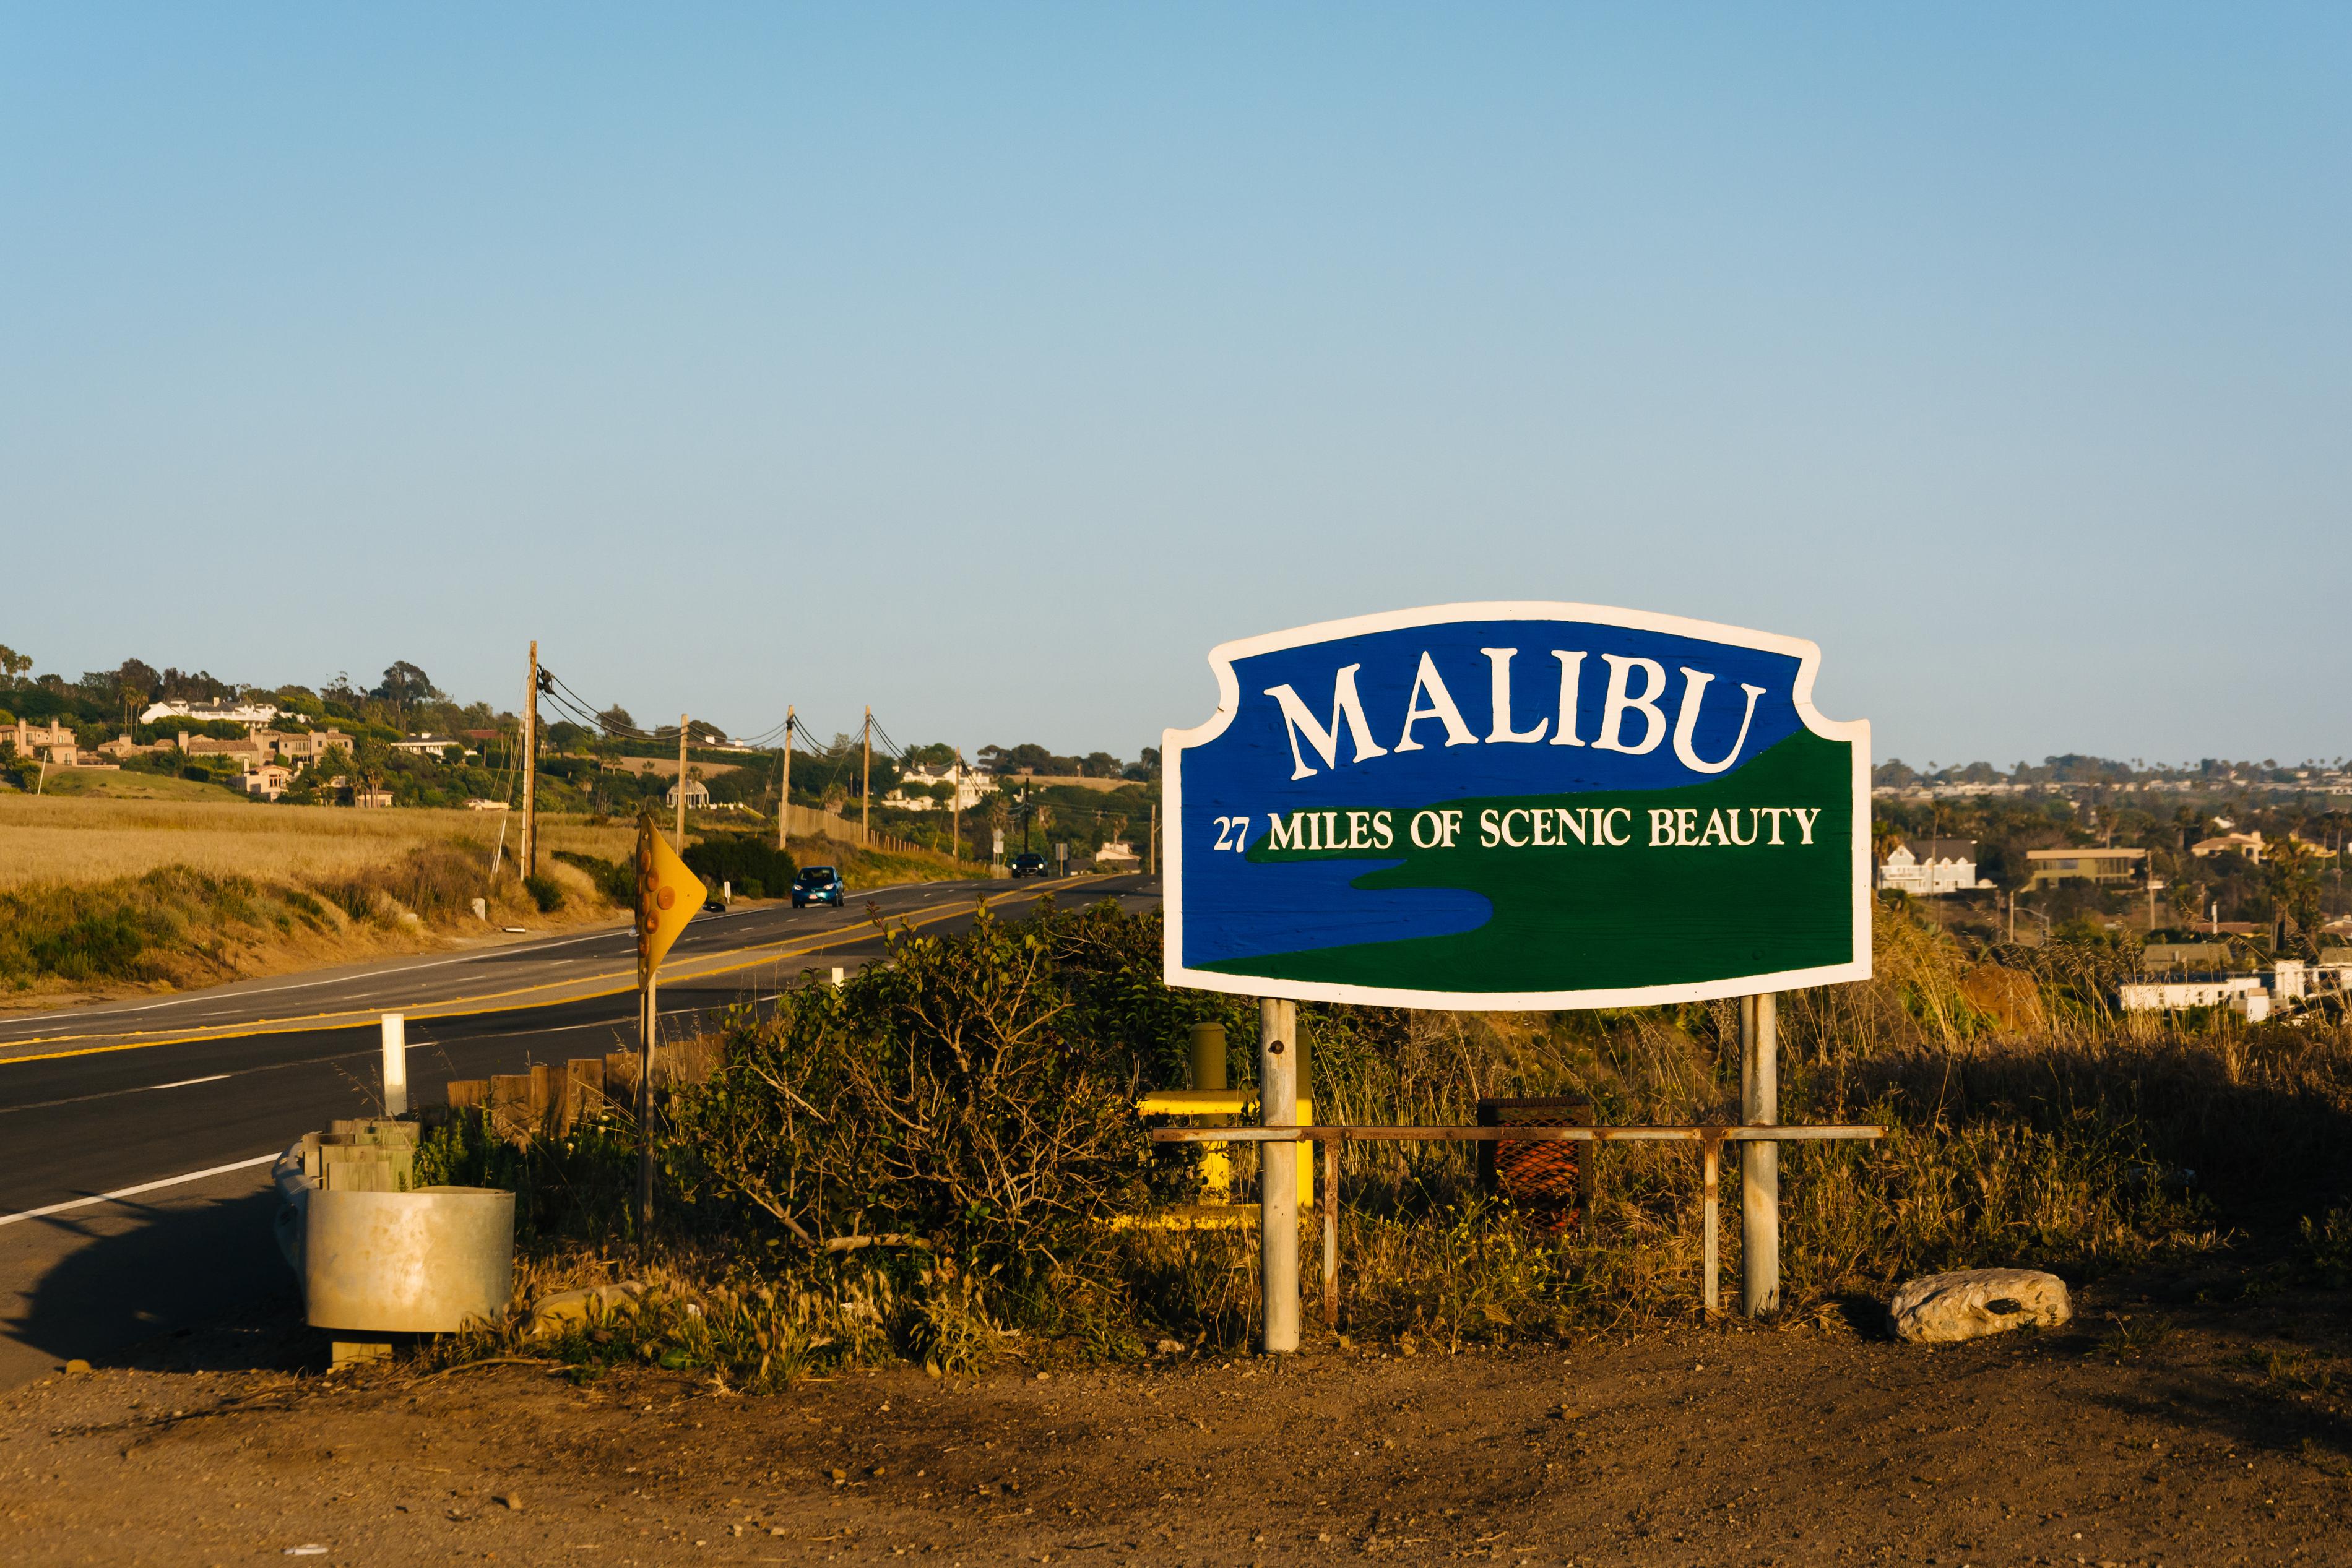 马里布海滩旅游景点图片